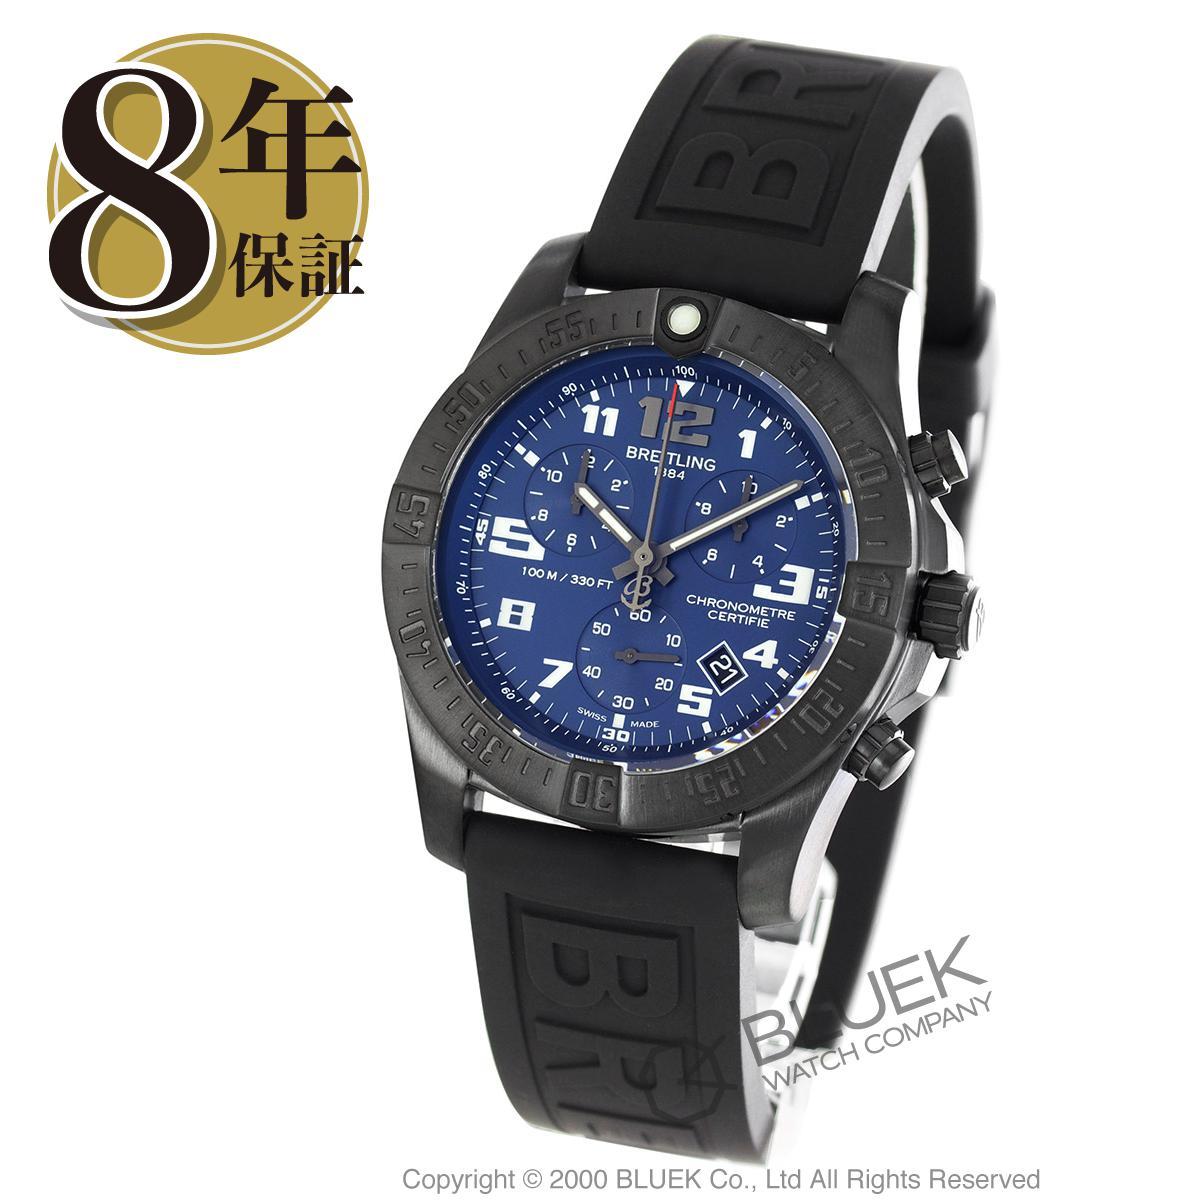 【3,000円OFFクーポン対象】ブライトリング プロフェッショナル クロノスペース EVO ナイトミッション クロノグラフ 腕時計 メンズ BREITLING V7333010C939152S_8